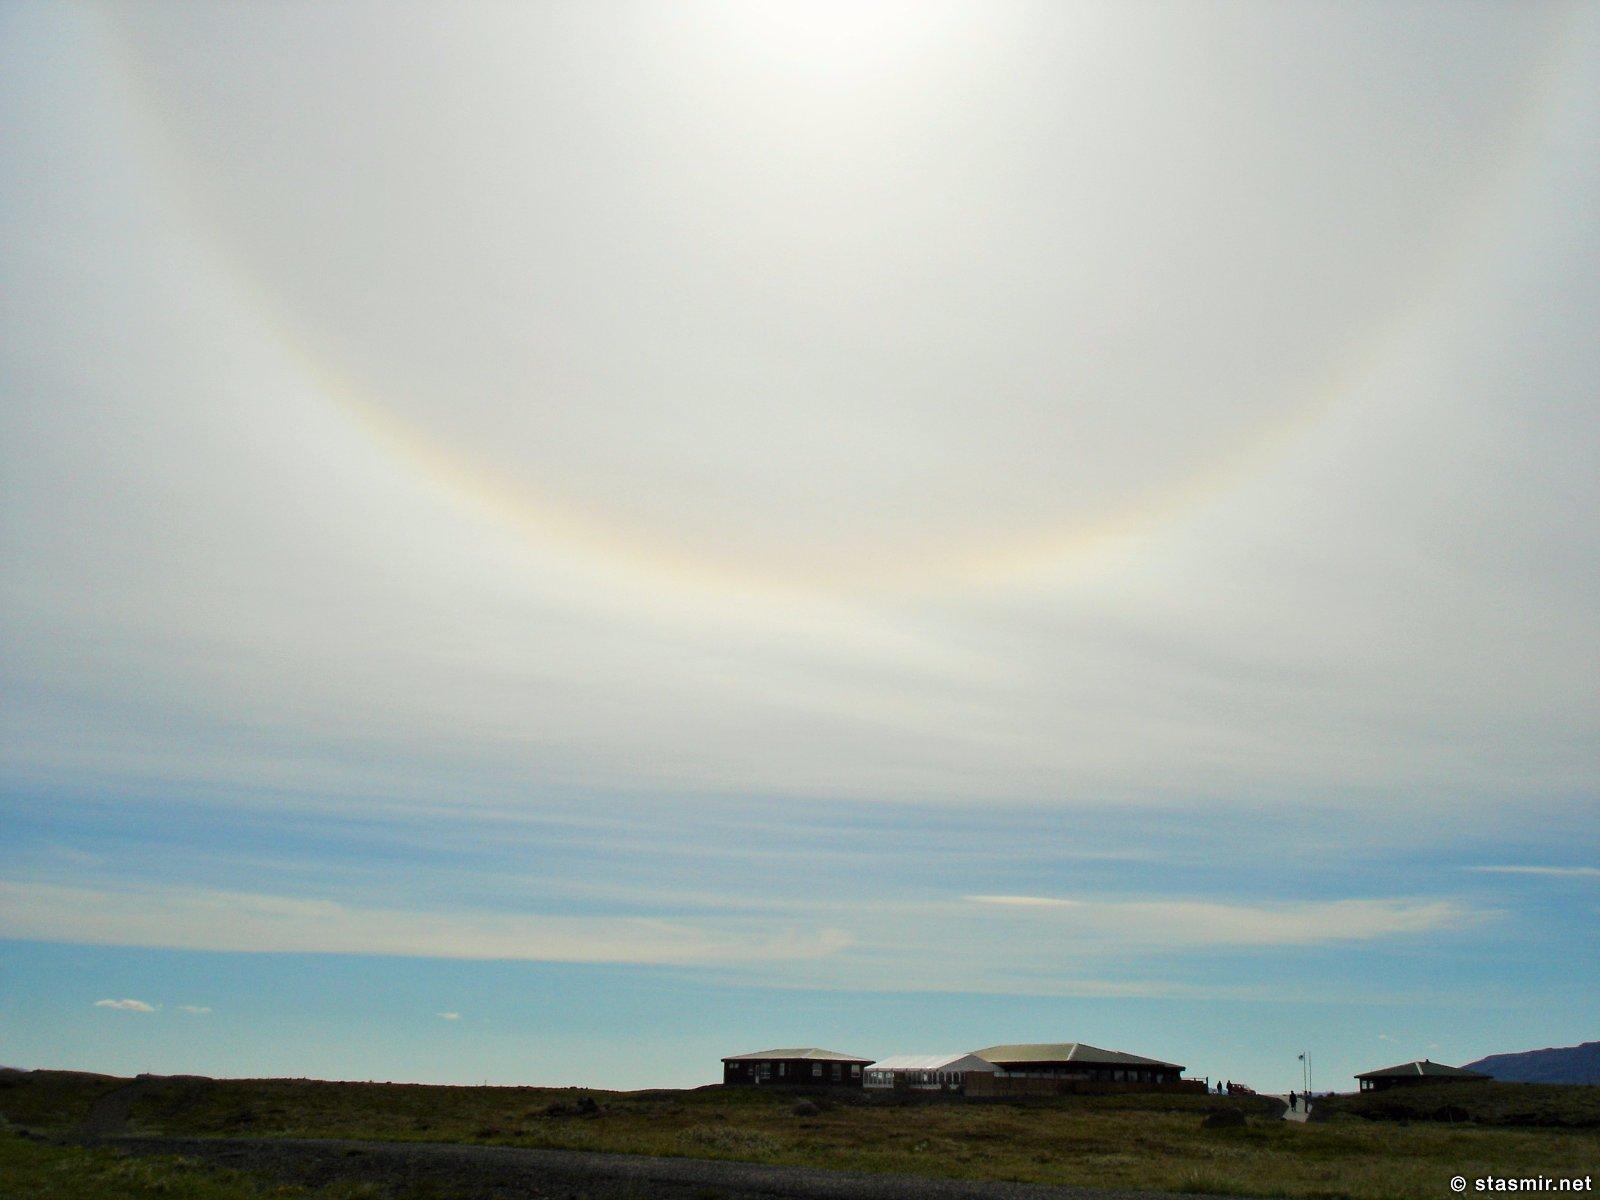 Солнце в Соколиной Долине, Золотой Водопад, Гейзир, Исландия, Фото Стасмир, Photo Stasmir